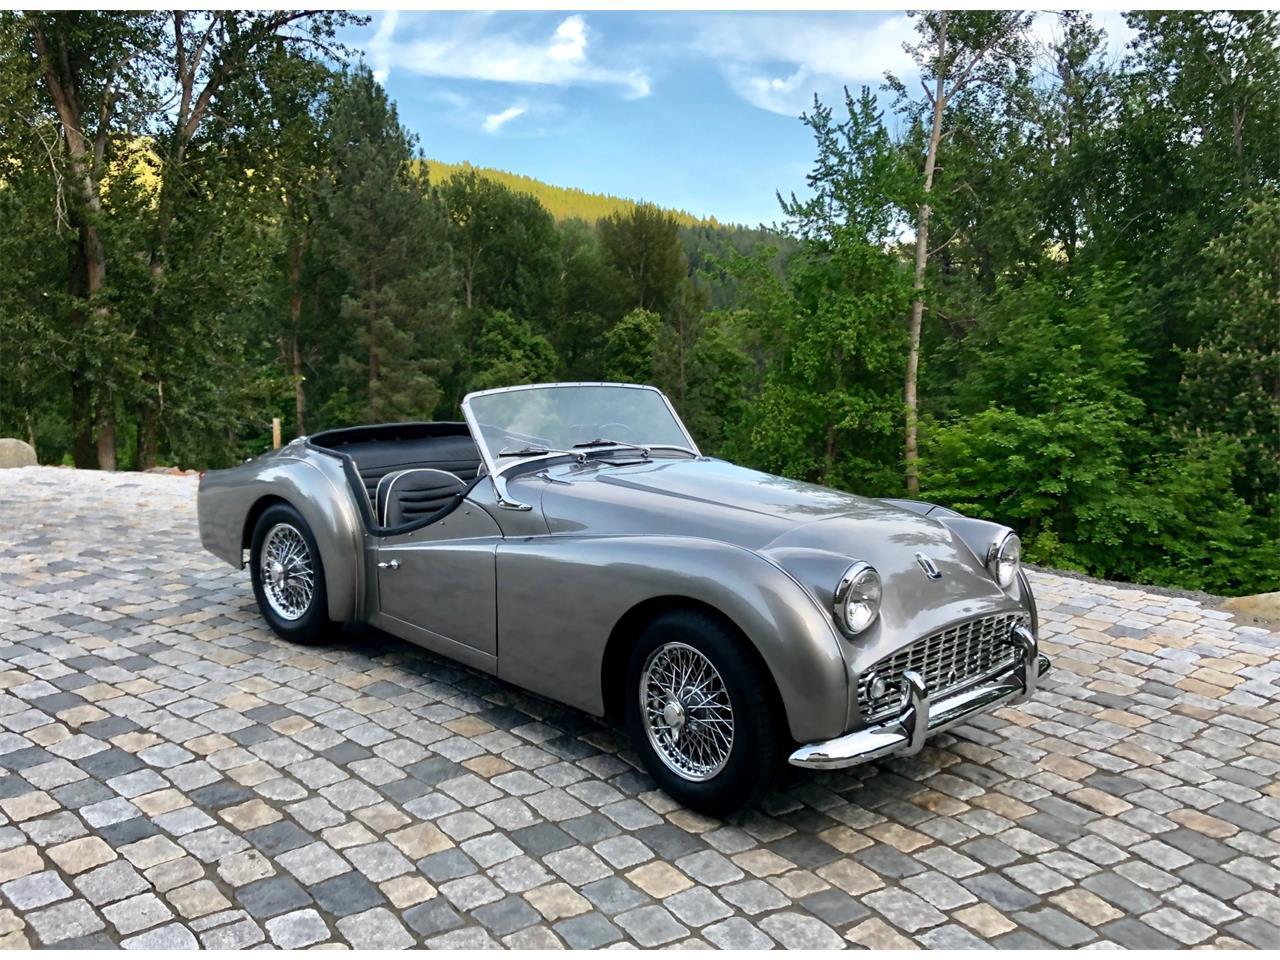 Triumph Tr3 Replica For Sale